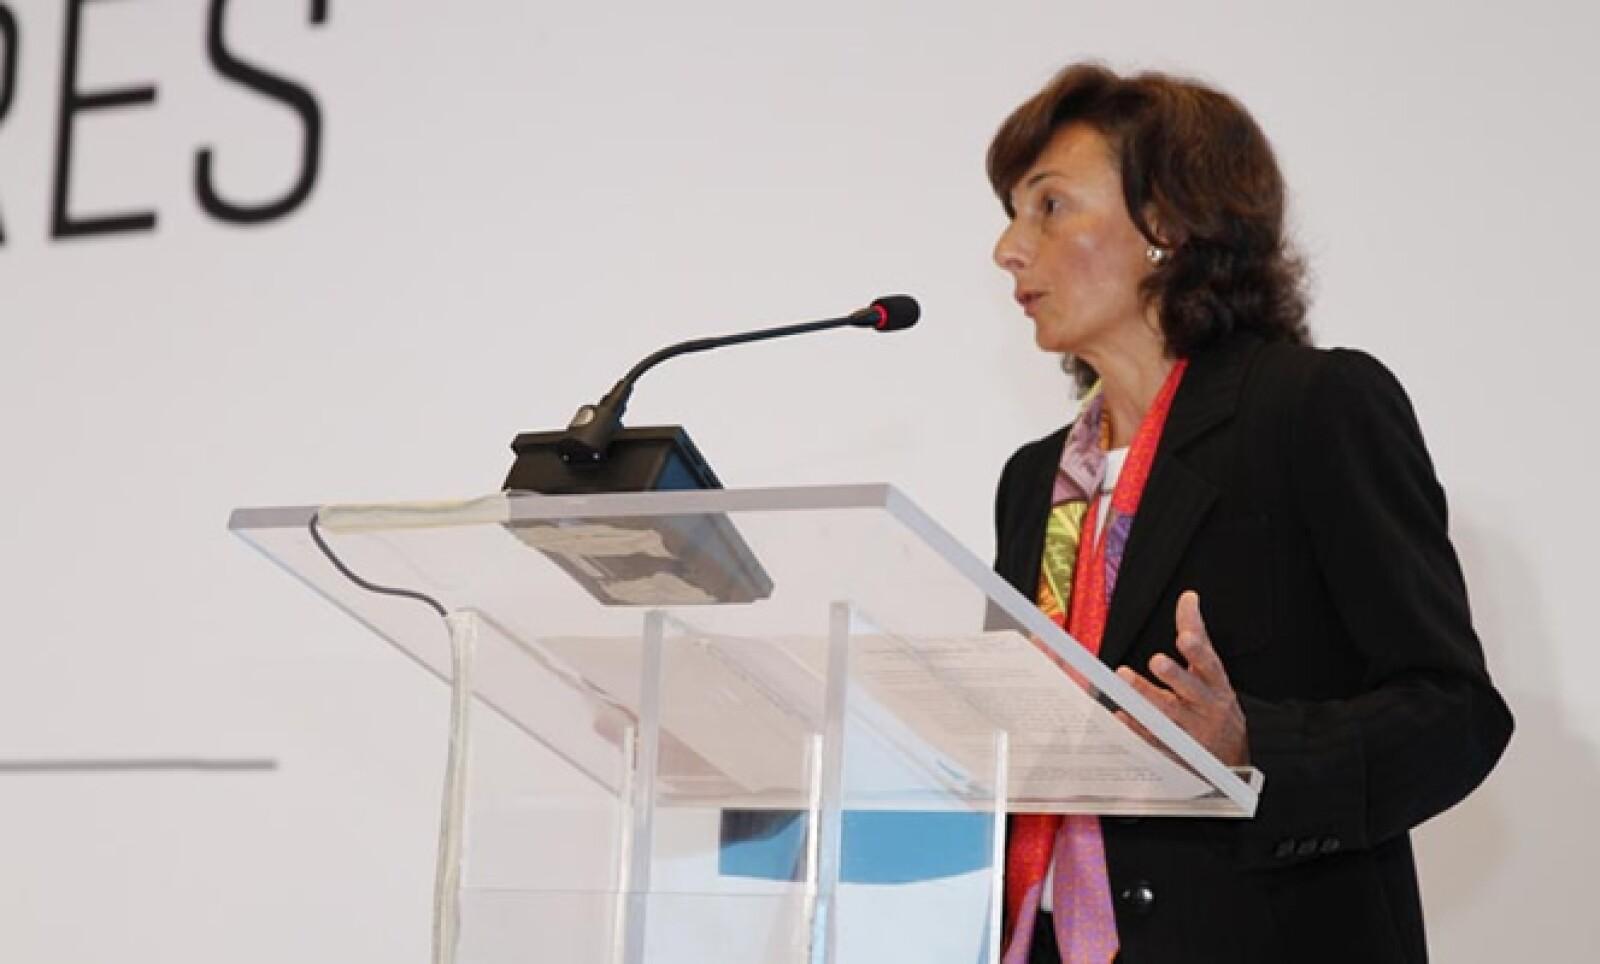 La directora del Banco Mundial para México y Colombia ofreció unas palabras en la inauguración del evento.